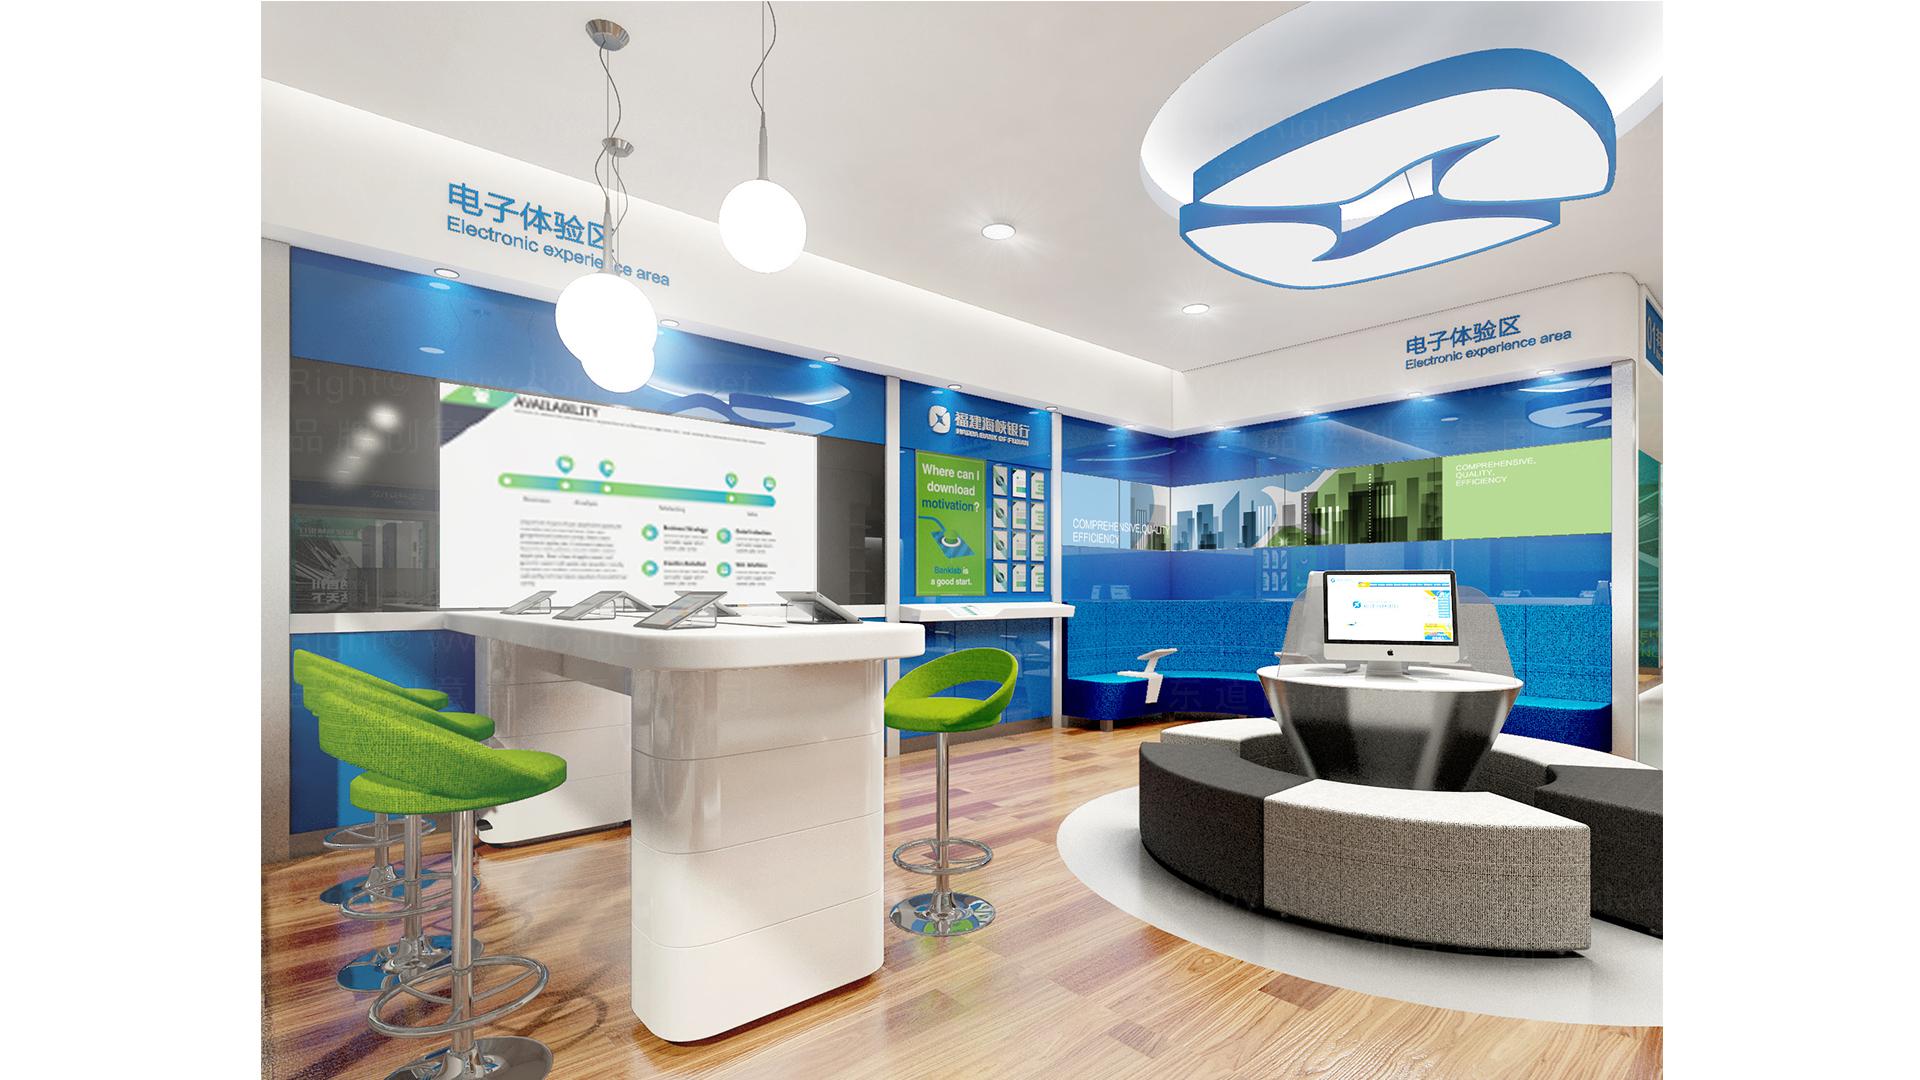 海峡银行银行网点SI设计应用场景_1